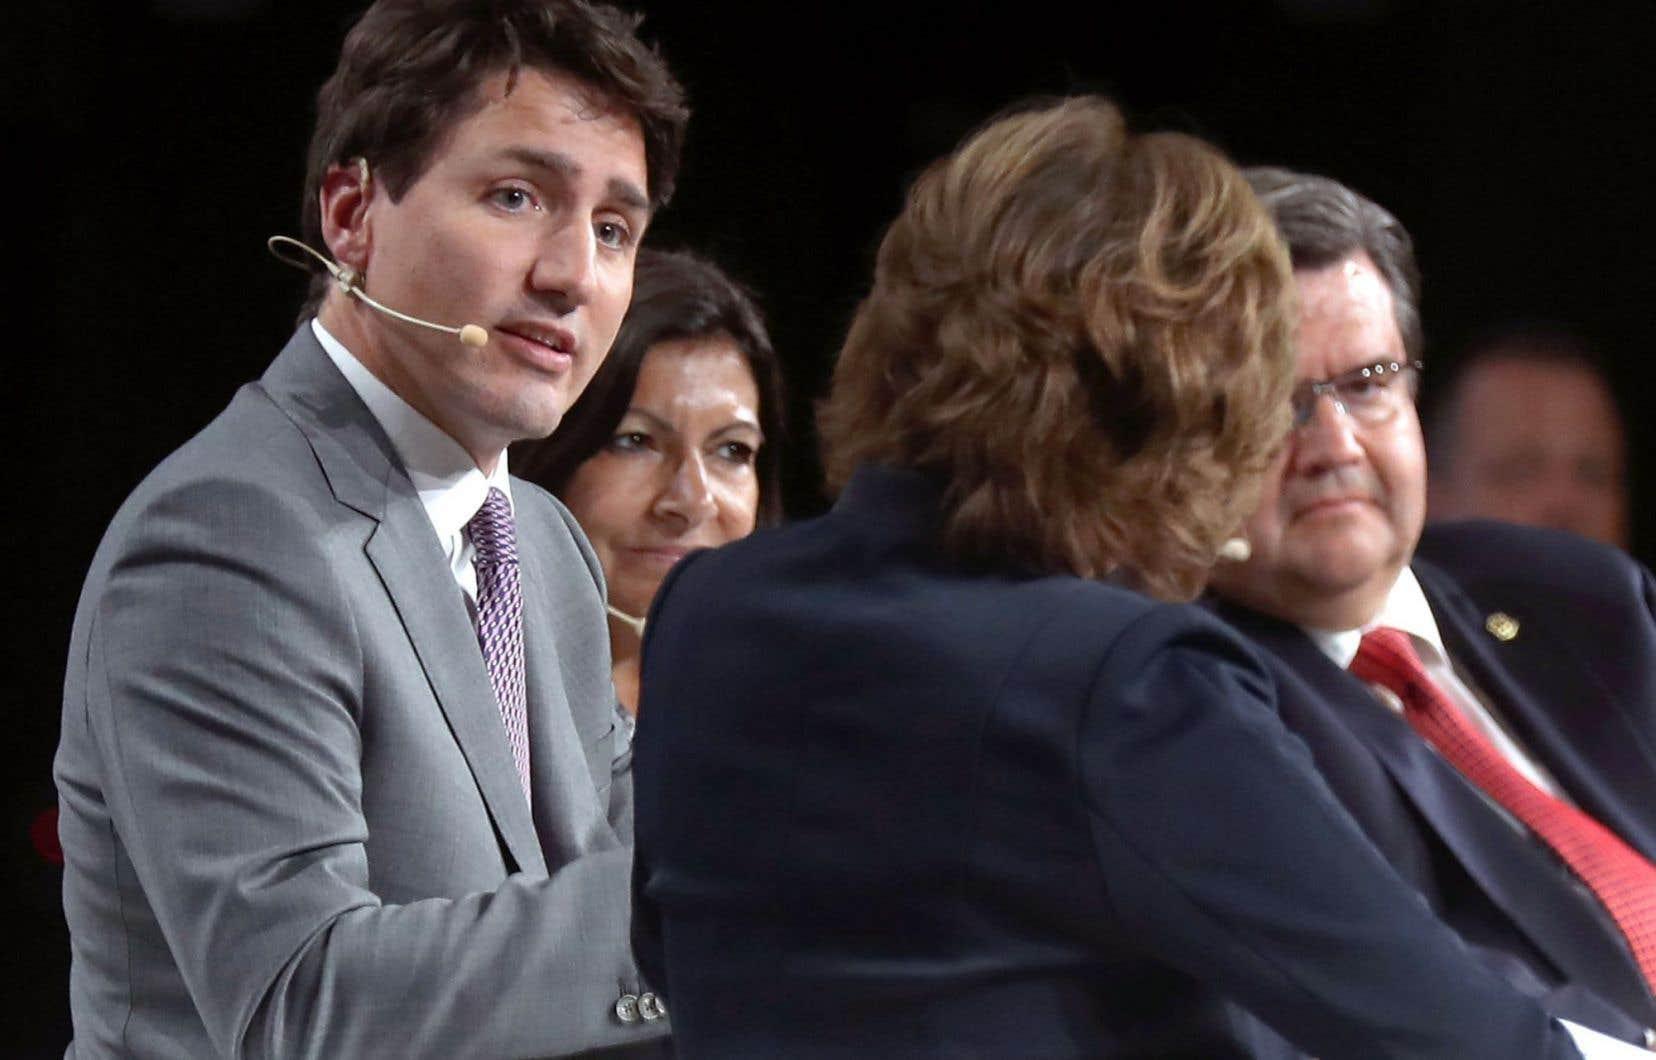 Le premier ministre du Canada, Justin Trudeau, la mairesse de Paris, Anne Hidalgo, et le maire de Montréal, Denis Coderre, ont répondu aux questions de la journaliste Céline Galipeau (de dos) dans le cadre du congrès Metropolis.